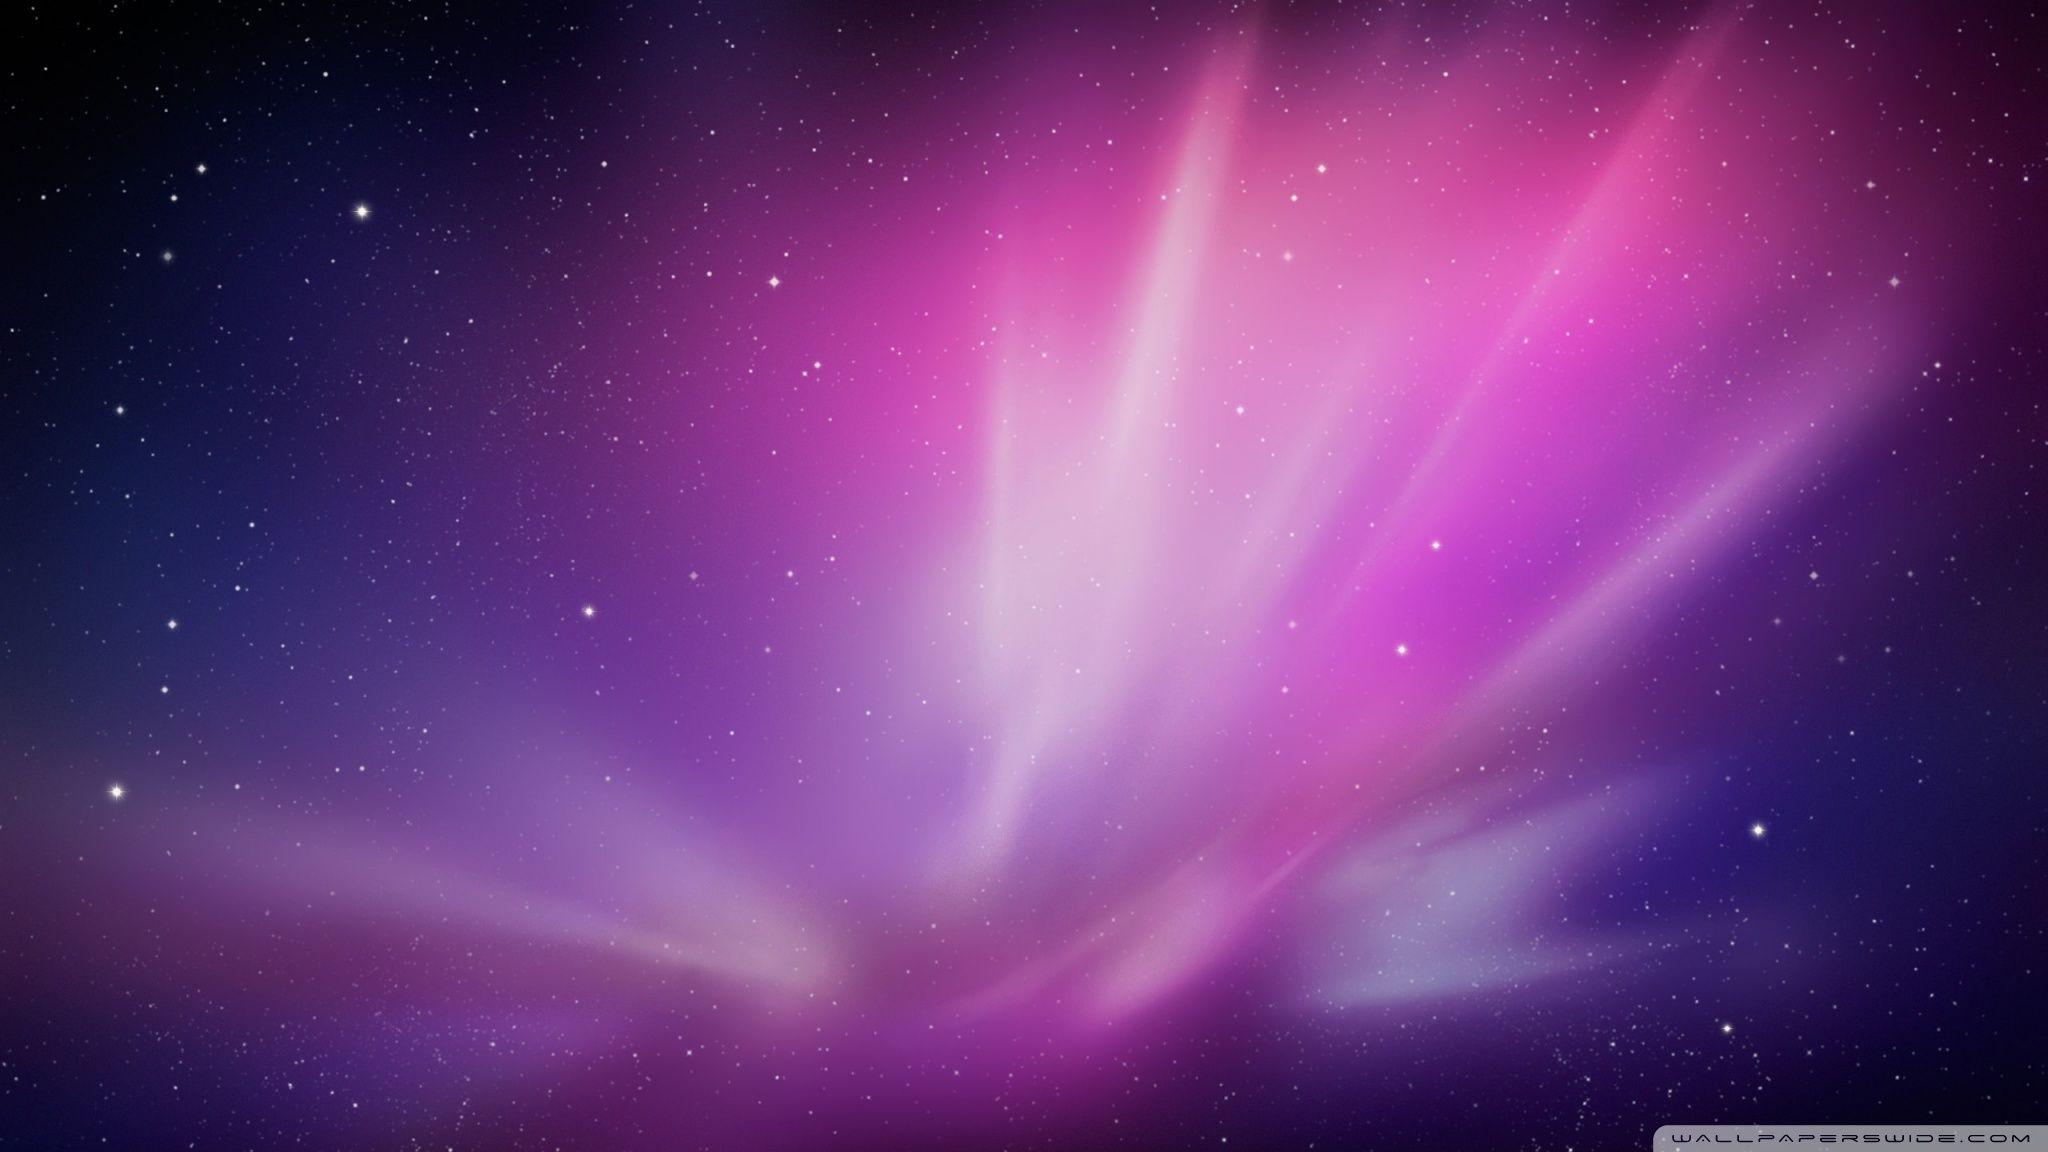 HD Wallpapers for Mac (con imágenes) Arte de luna